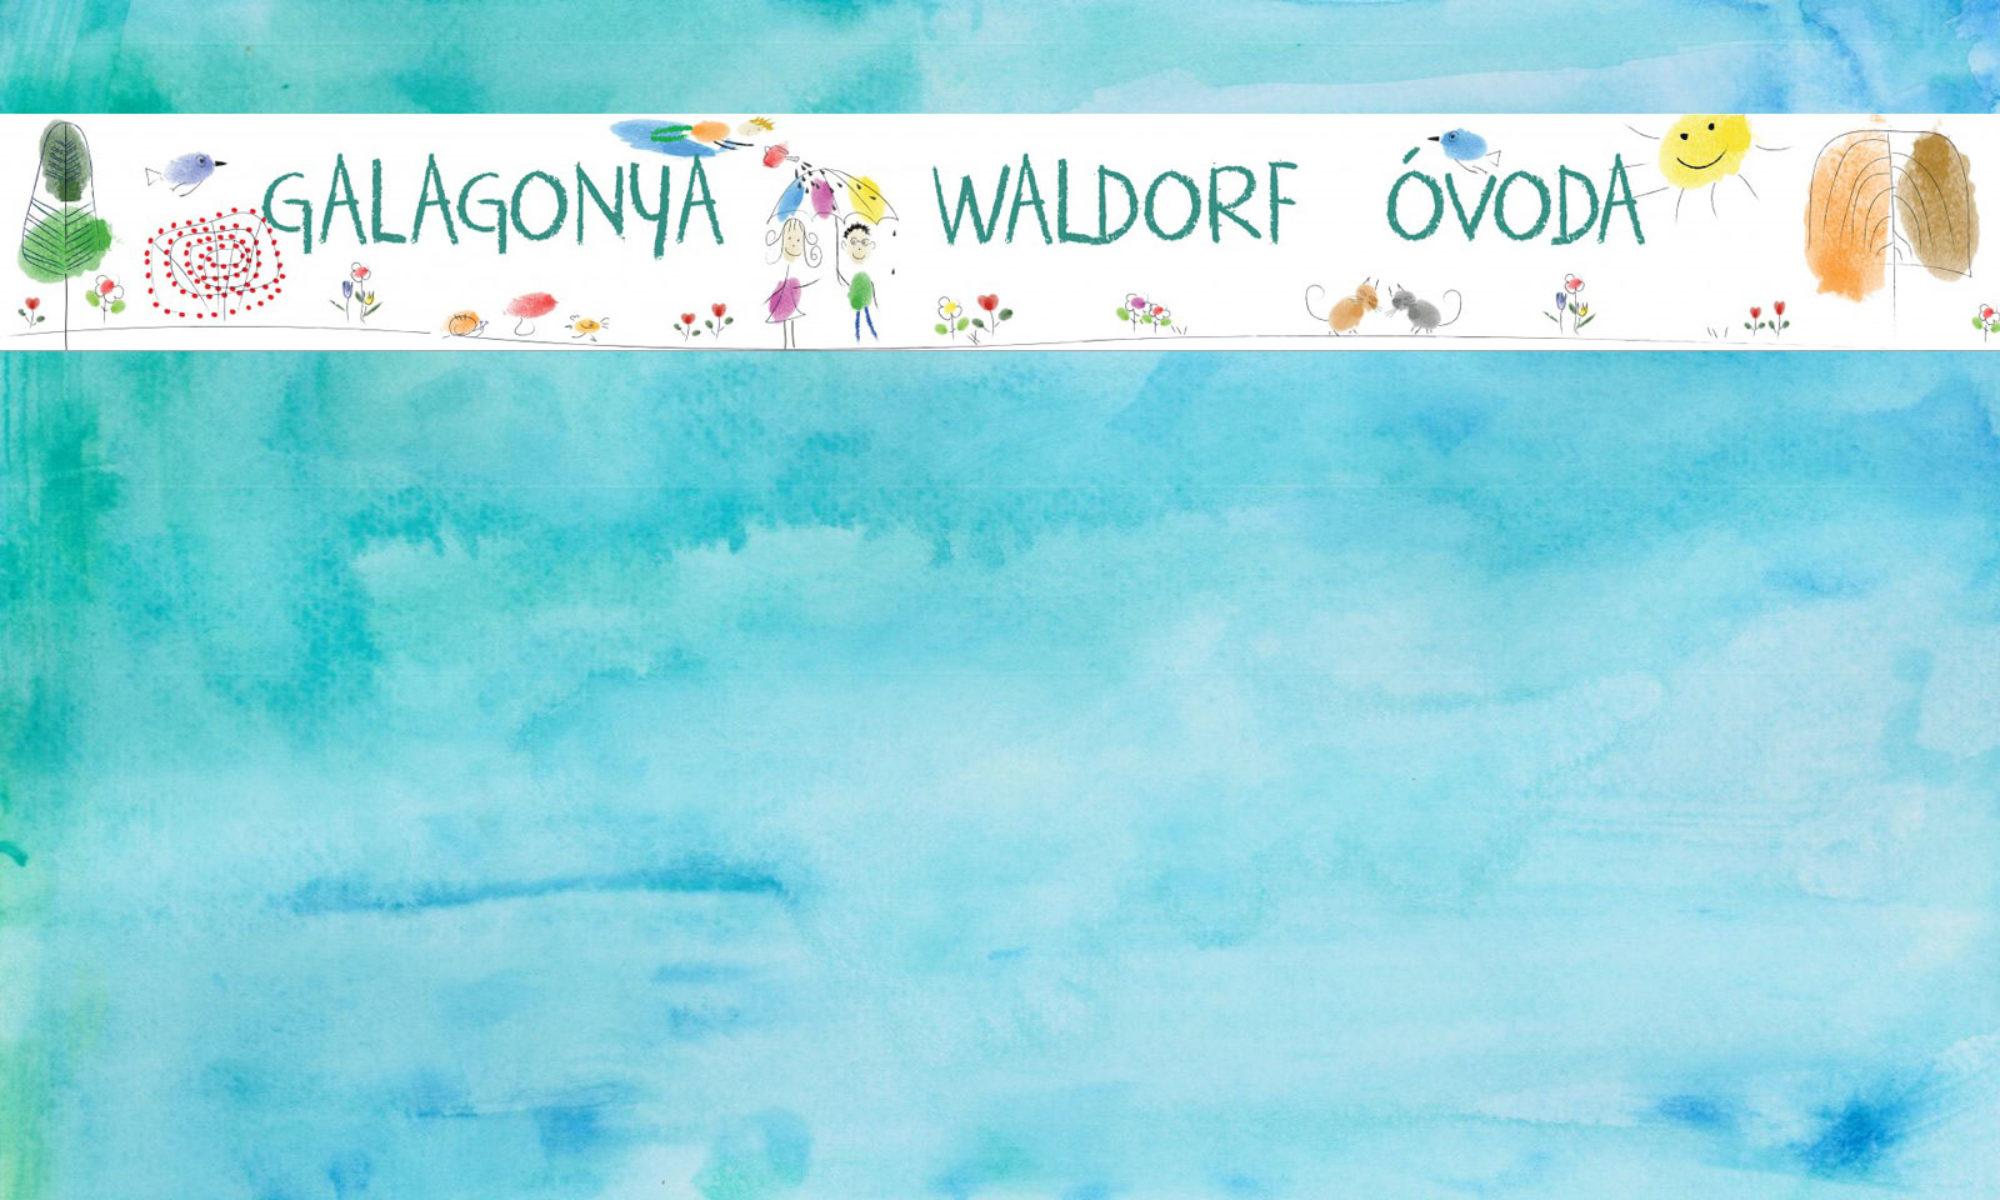 Galagonya Waldorf